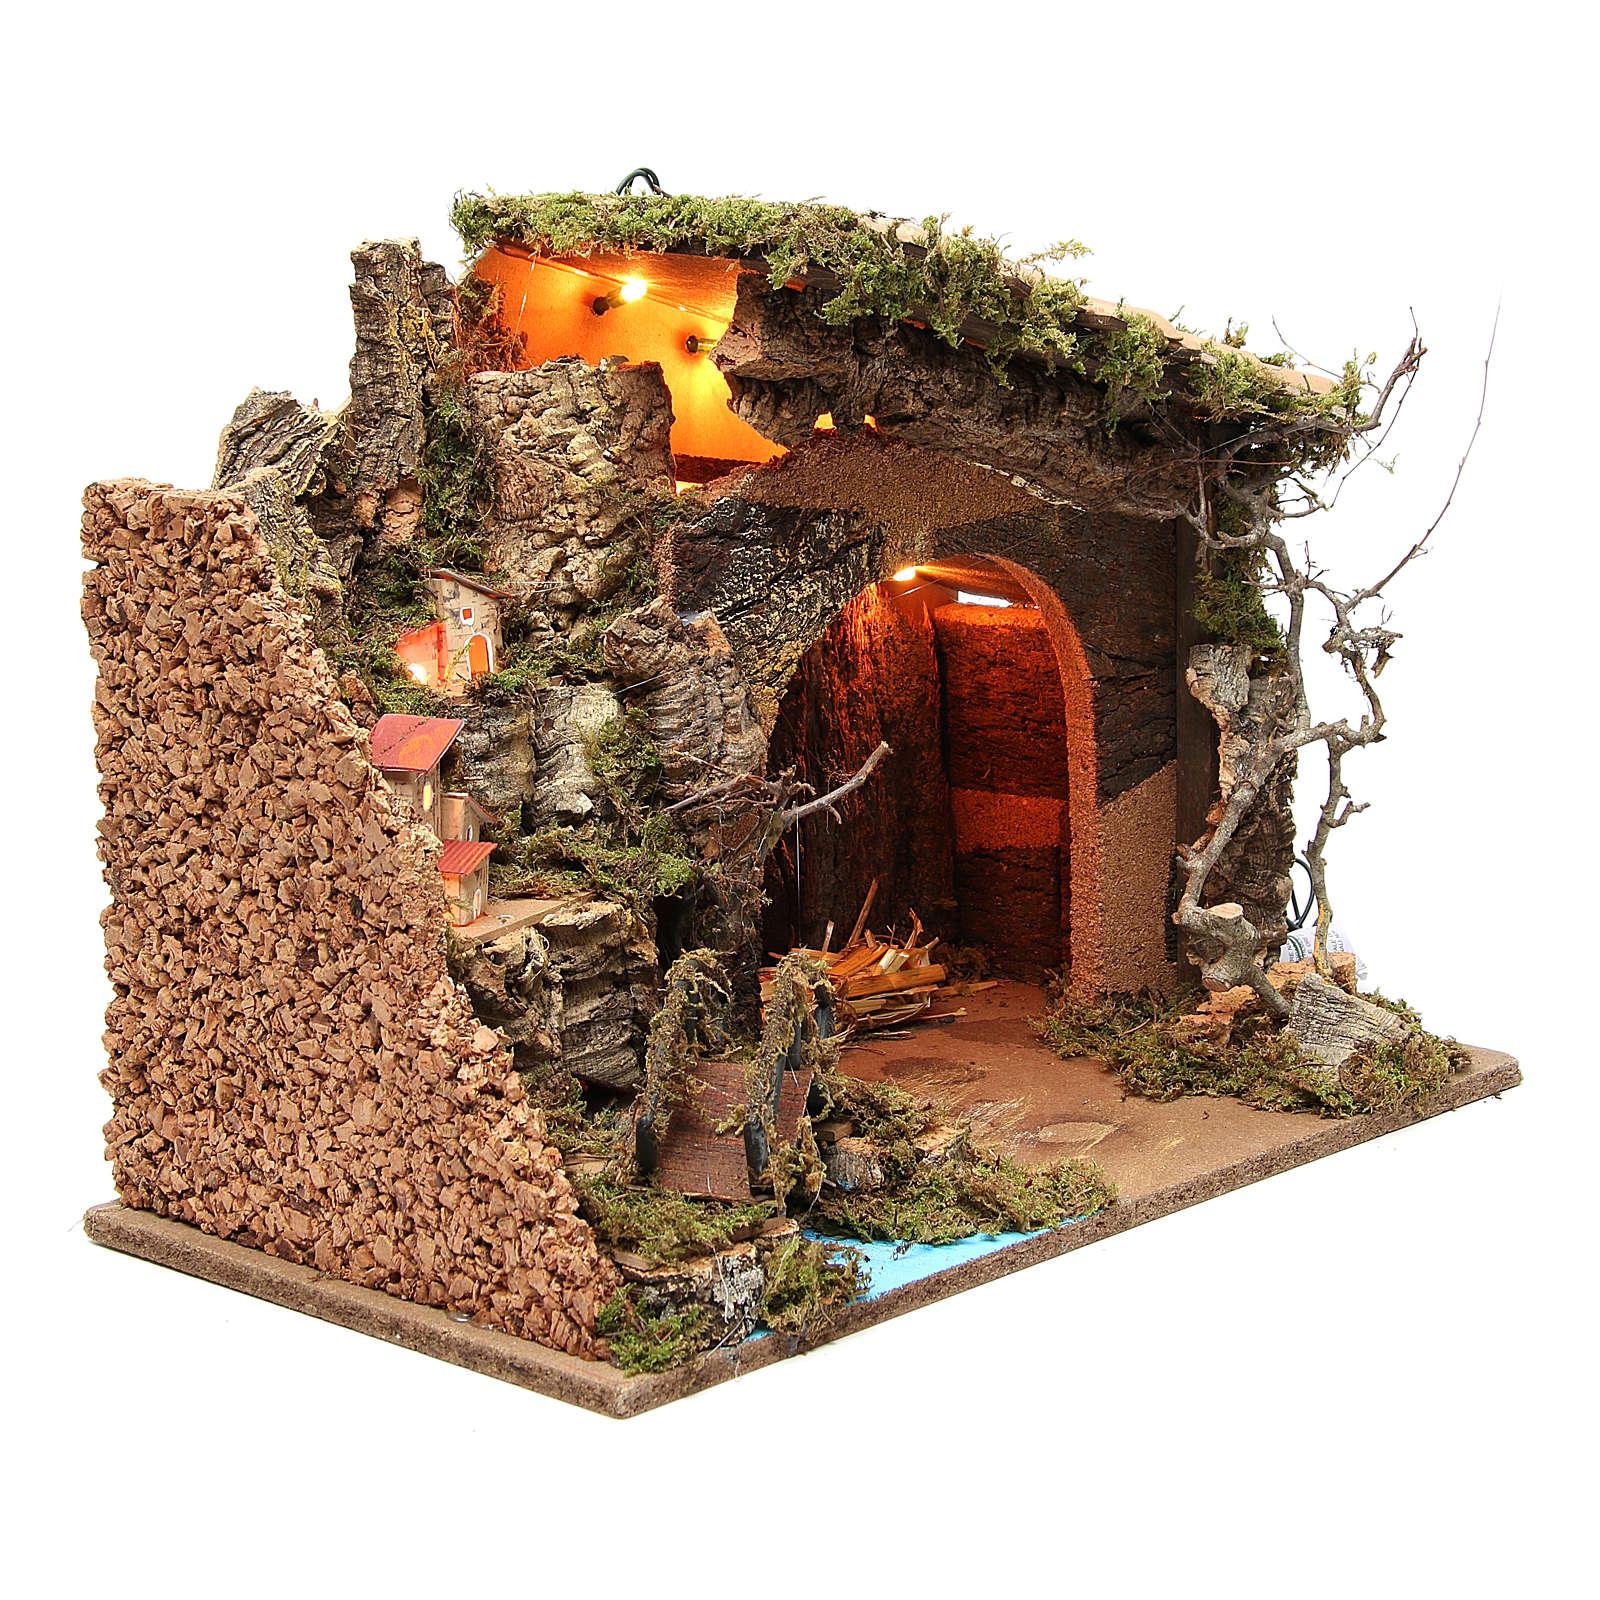 Cabane illuminée crèche avec bourgade 36x50x26 cm 4